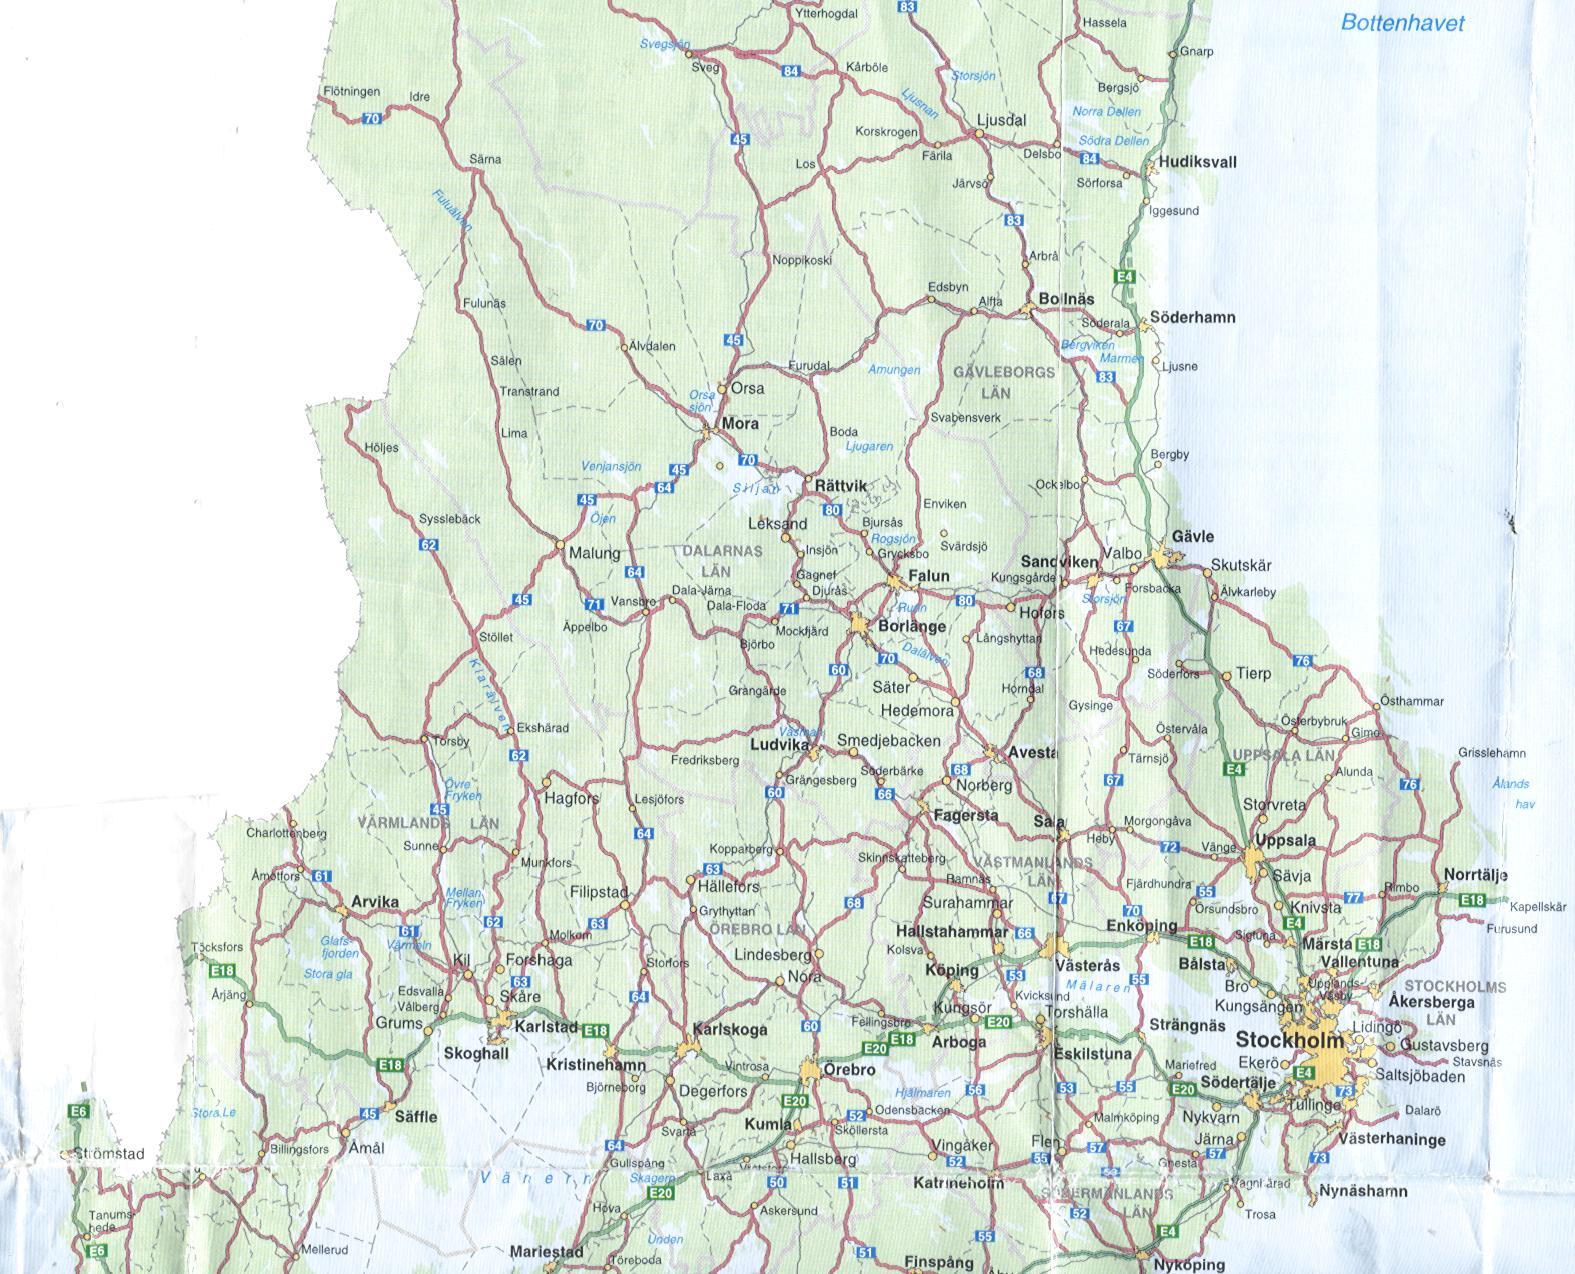 grenlösa trosor svealand karta